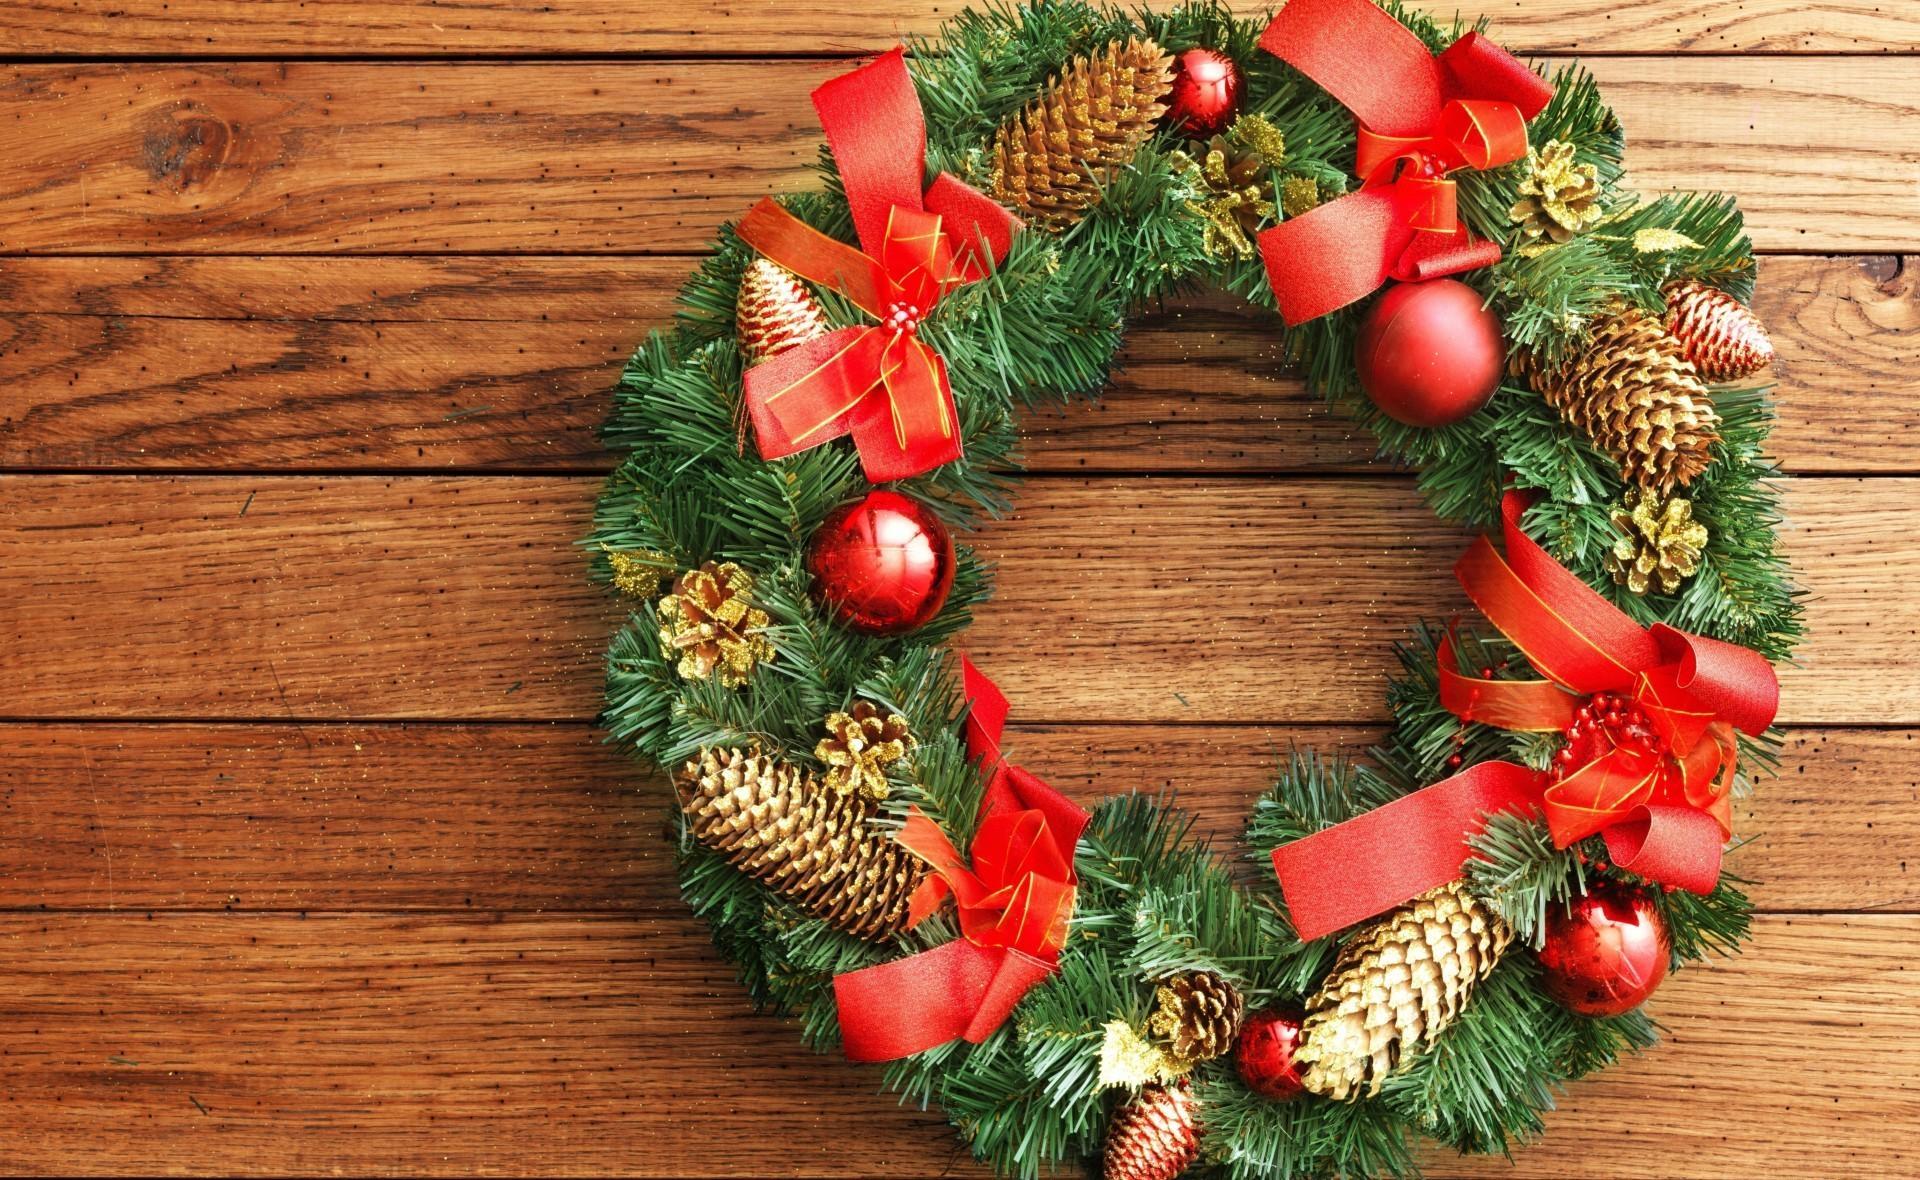 107896 скачать обои Праздники, Новый Год, Рождество, Венок, Хвоя, Шишки, Колокольчики, Банты - заставки и картинки бесплатно